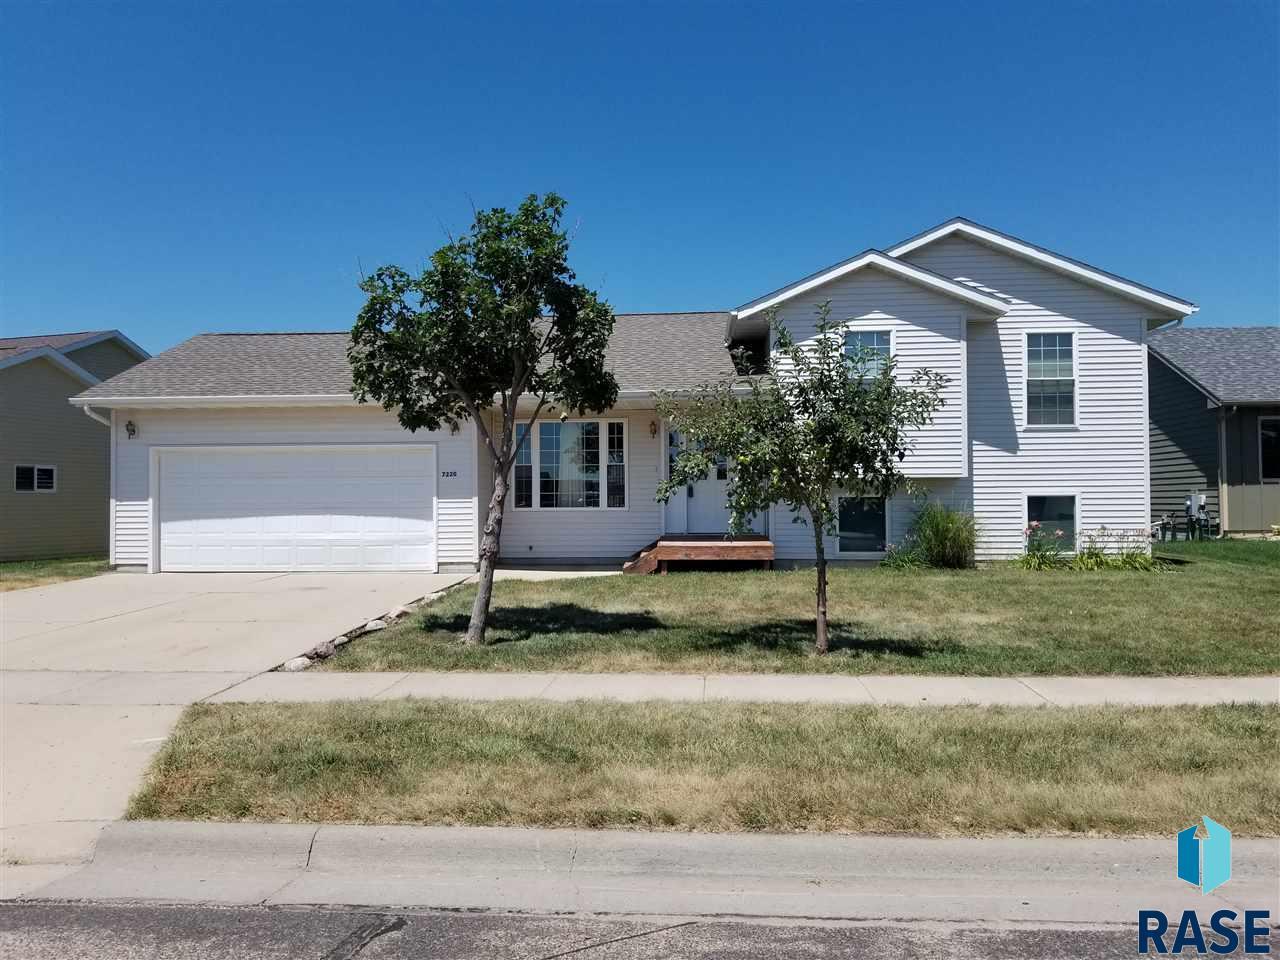 7220 W Prairie Rose St, Sioux Falls, SD 57107